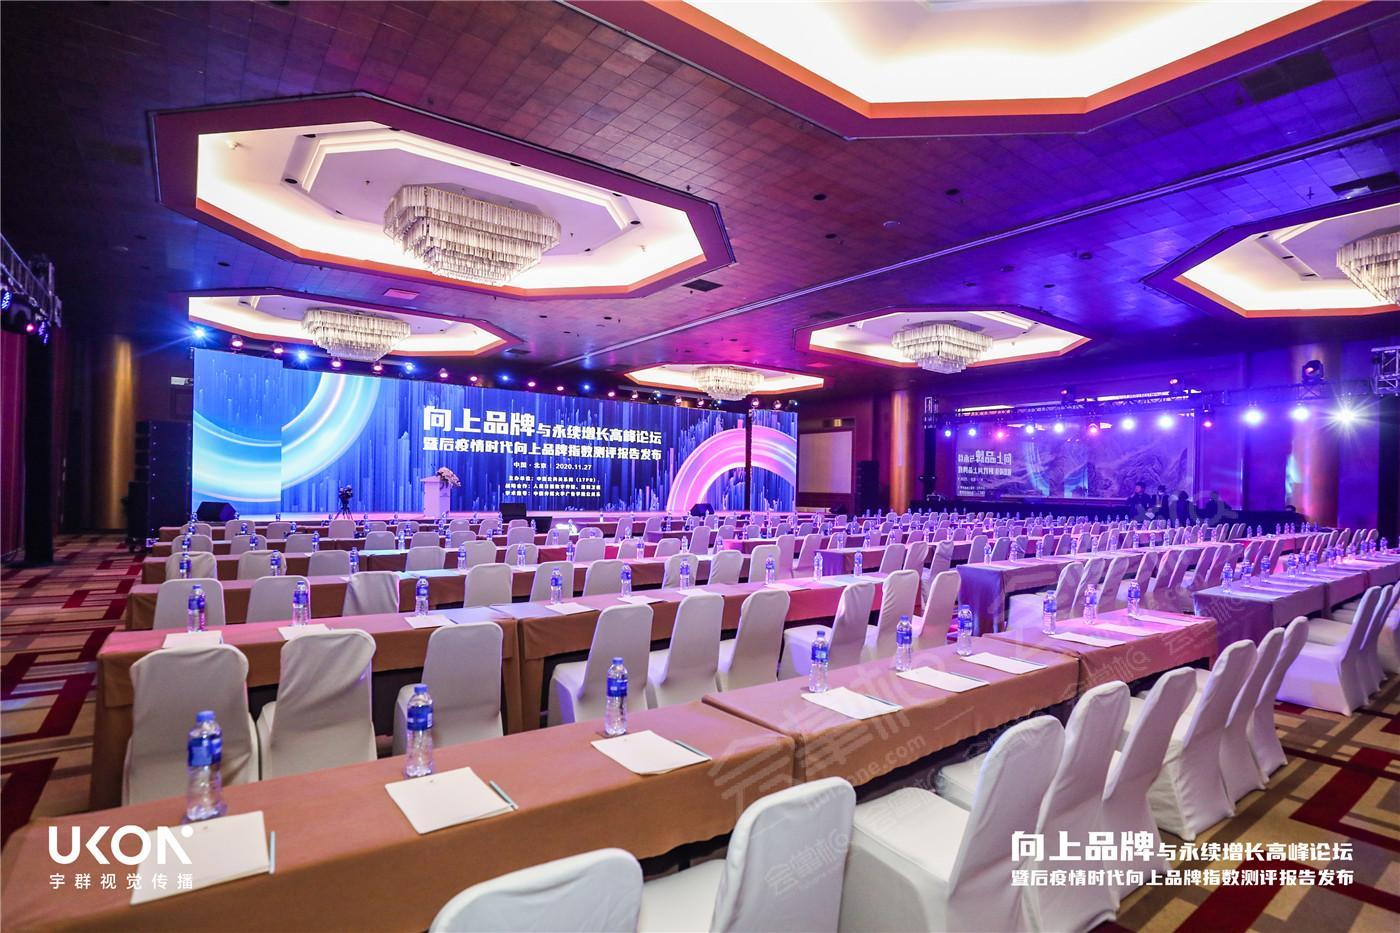 北京长城饭店动态:2020年11月27日,向上的力量-2020第十一届金旗奖颁